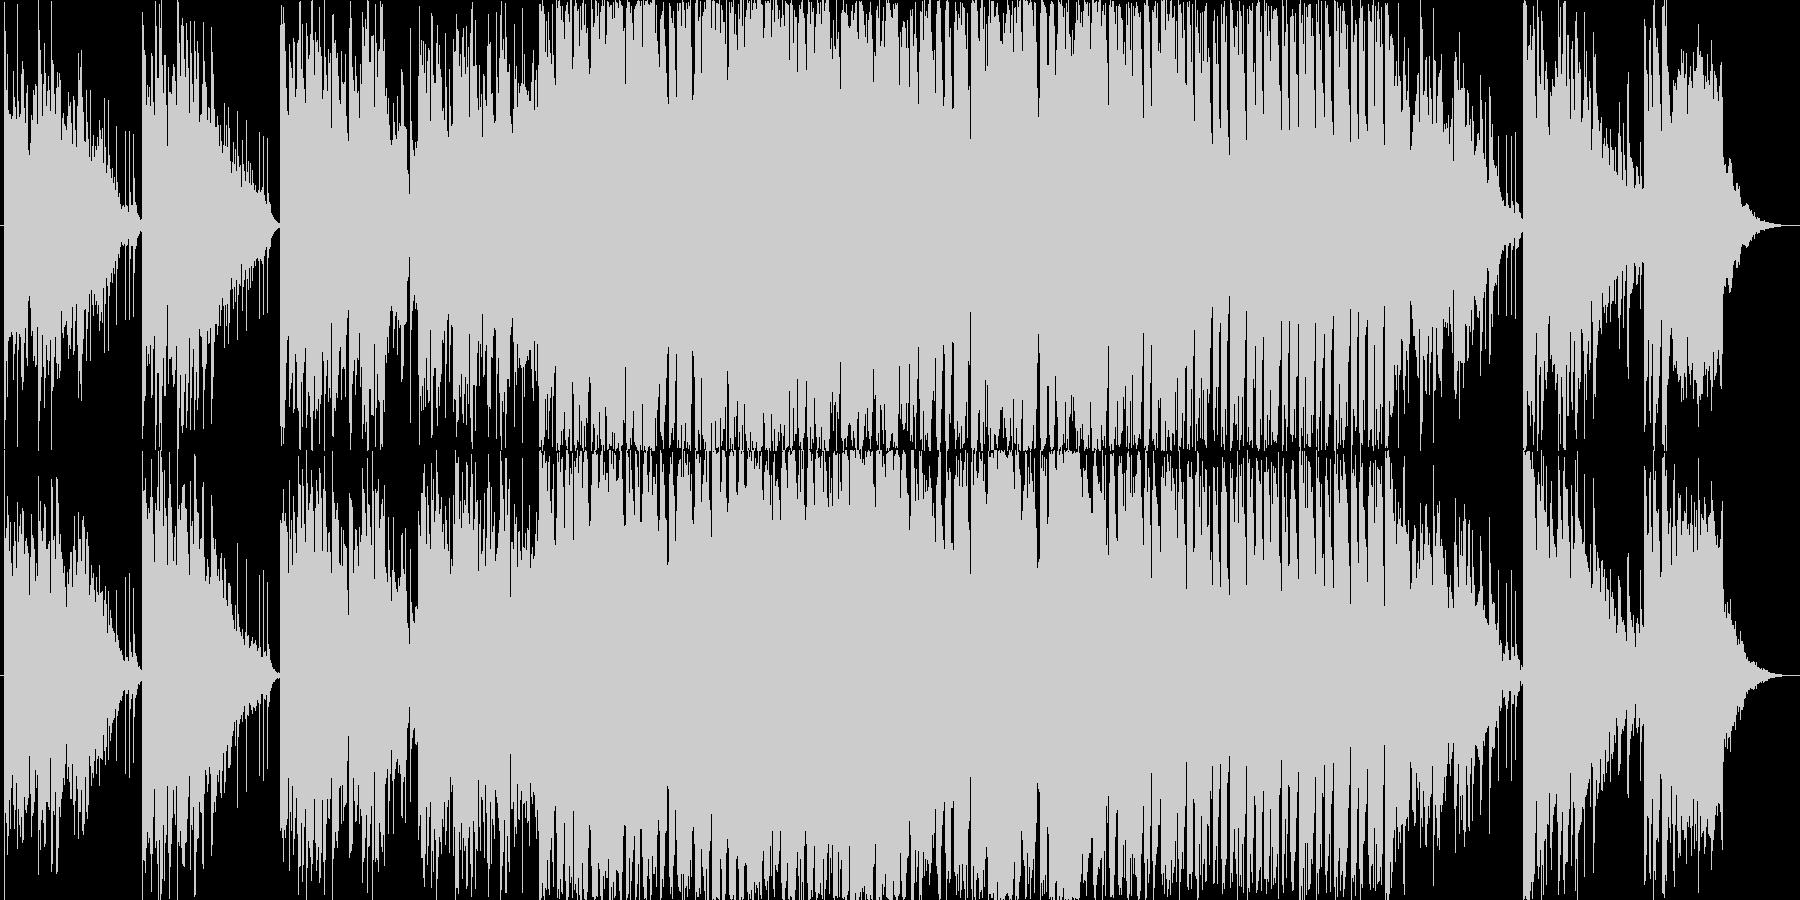 城に忍び込んだくノ一の和風テイスト音楽の未再生の波形